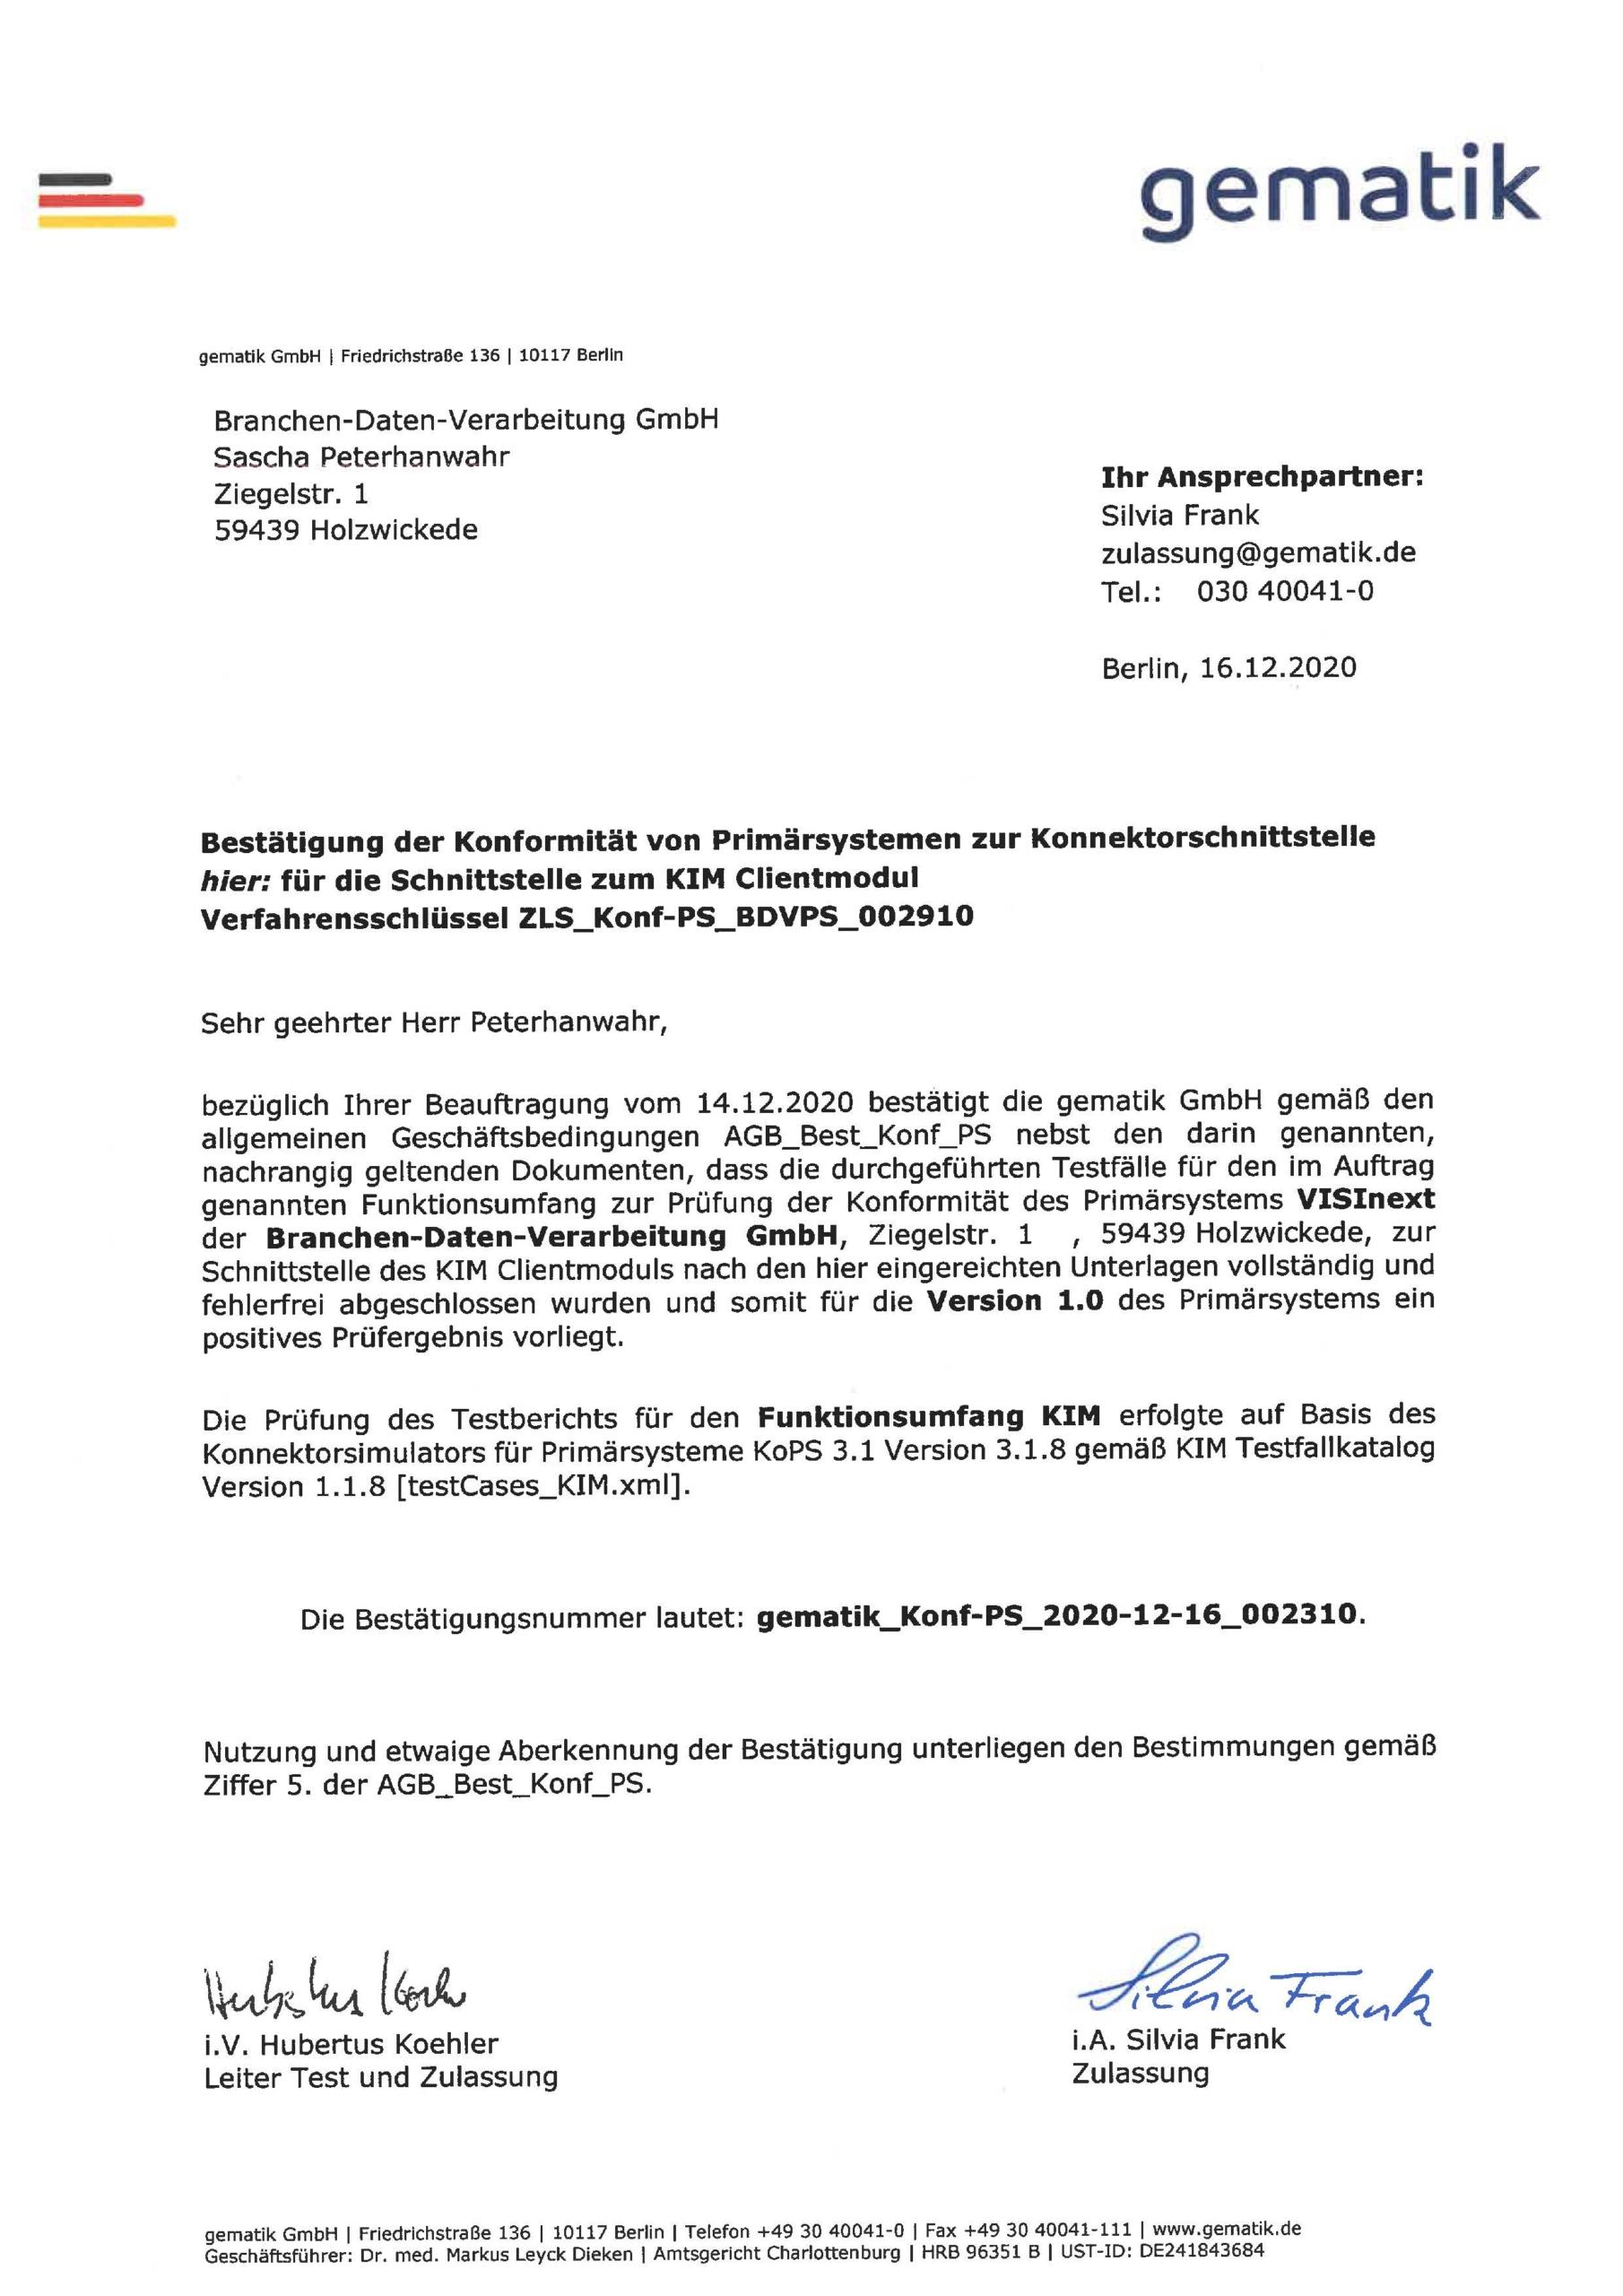 VISInext KIM-Modul der BDV GmbH - Telematikinfrastruktur - gematik Zulassung